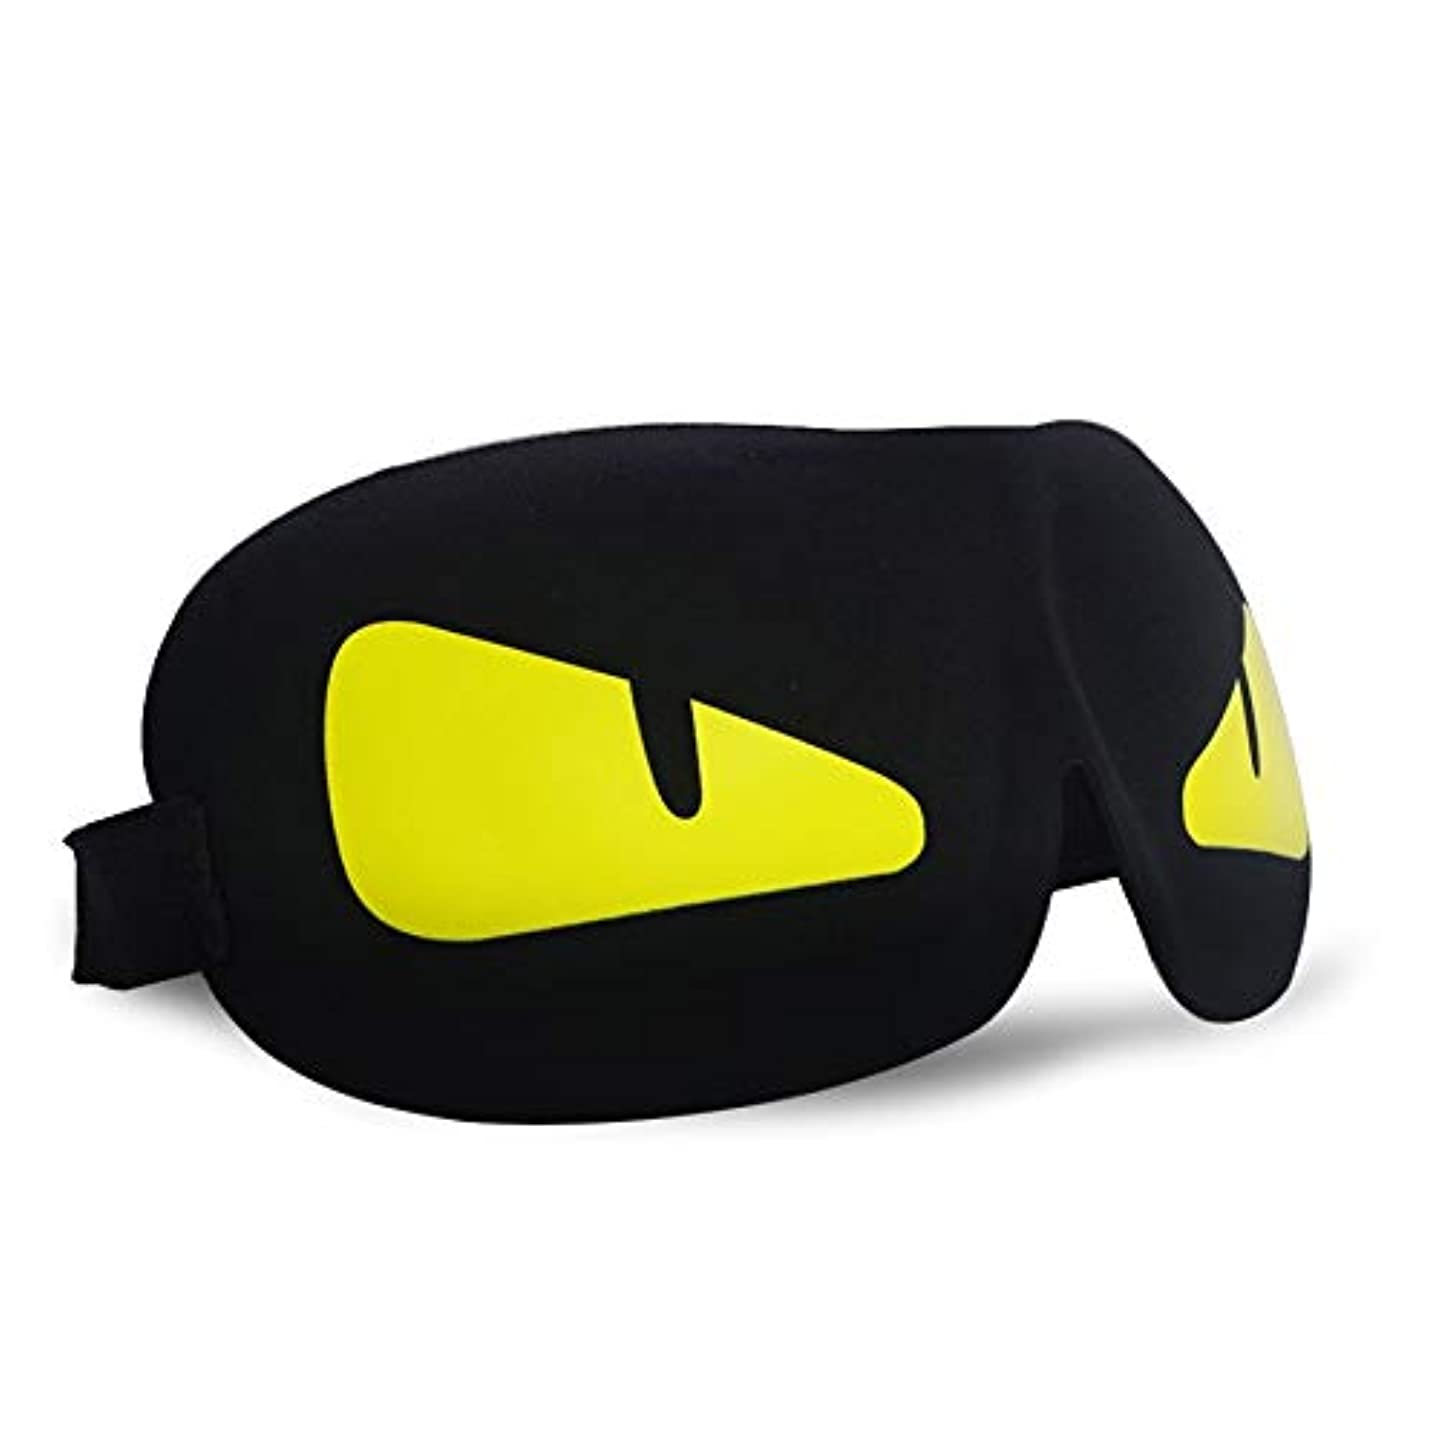 マルクス主義者バンケットパステルNOTE 漫画3dアイマスク睡眠補助マスク用旅行残りカバーアイパッチ目隠しアイシェードシールドライトギフト用子供